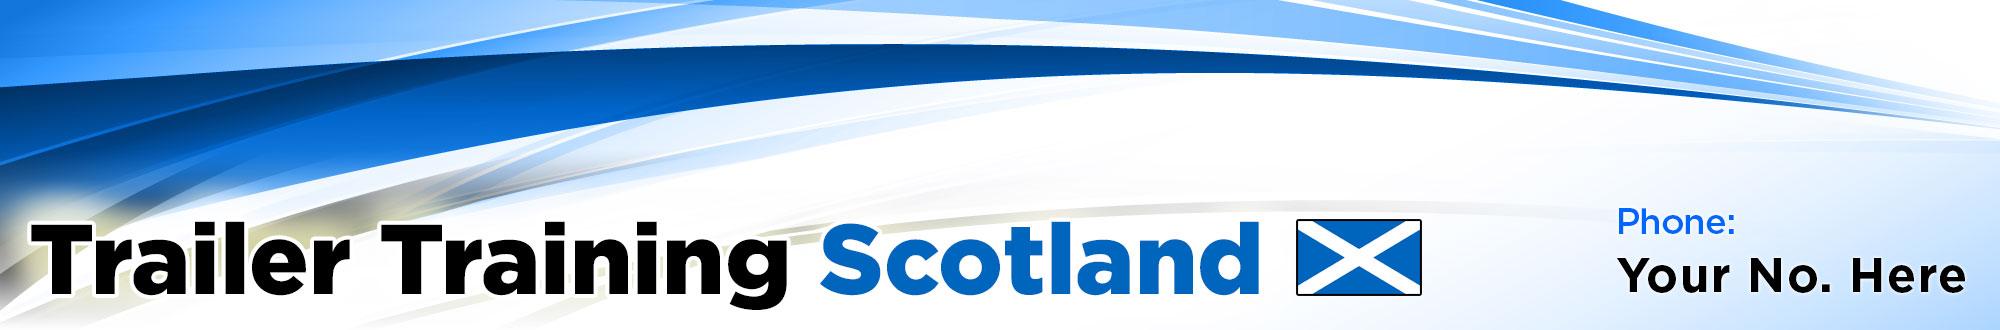 Trailer Training Scotland - TrailerTrainingScotland.com